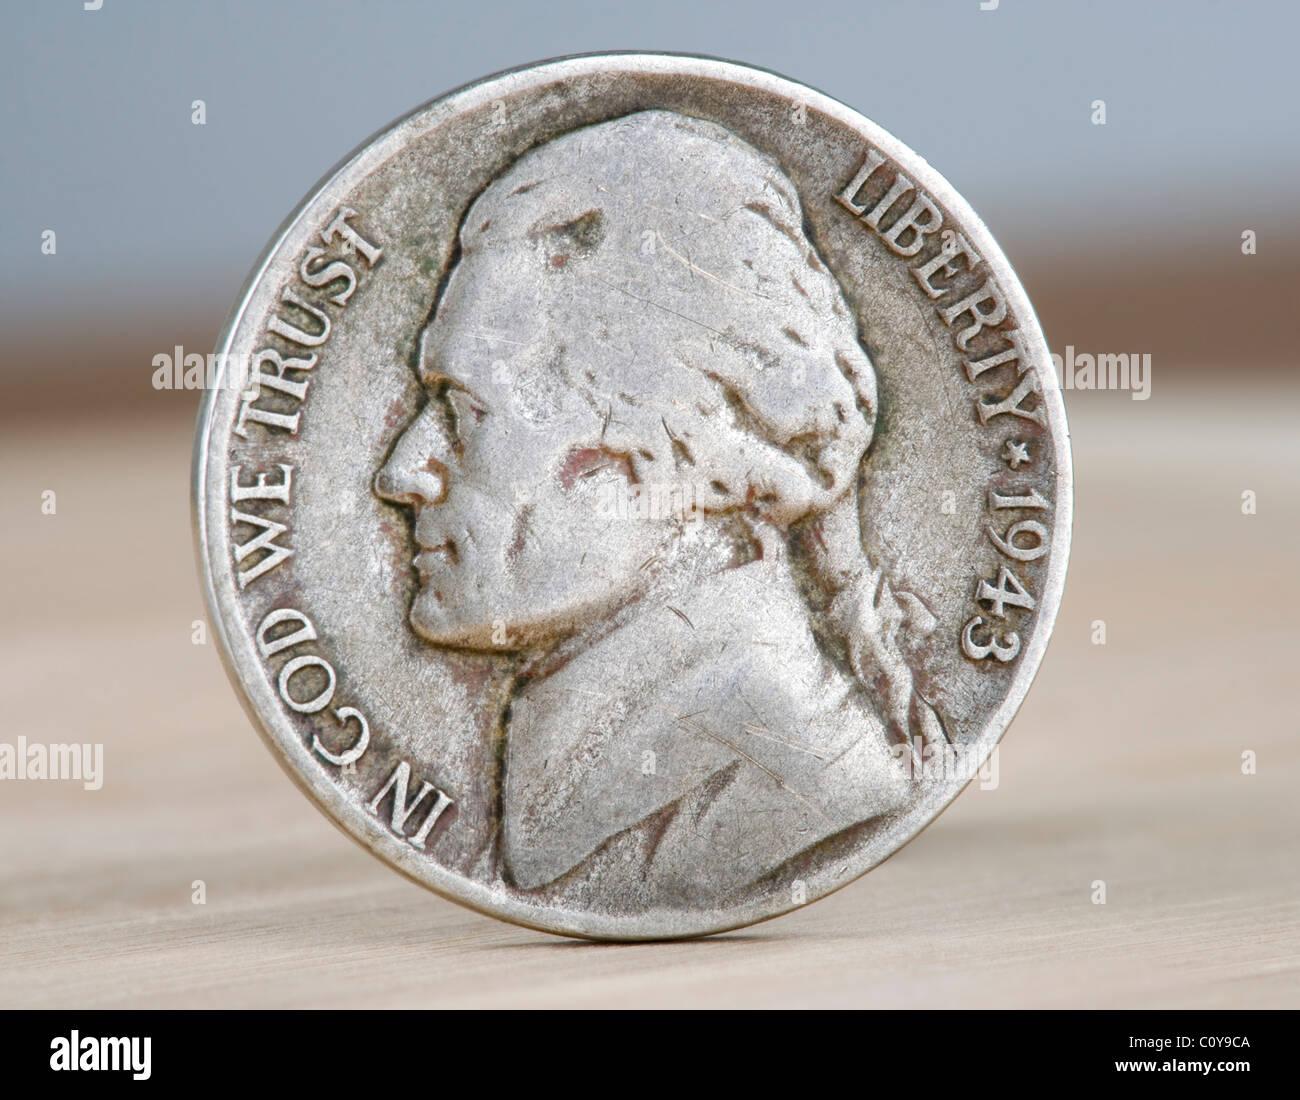 1943 guerra de níquel. Llamado así porque durante la primera guerra mundial, el níquel fue de alta Imagen De Stock